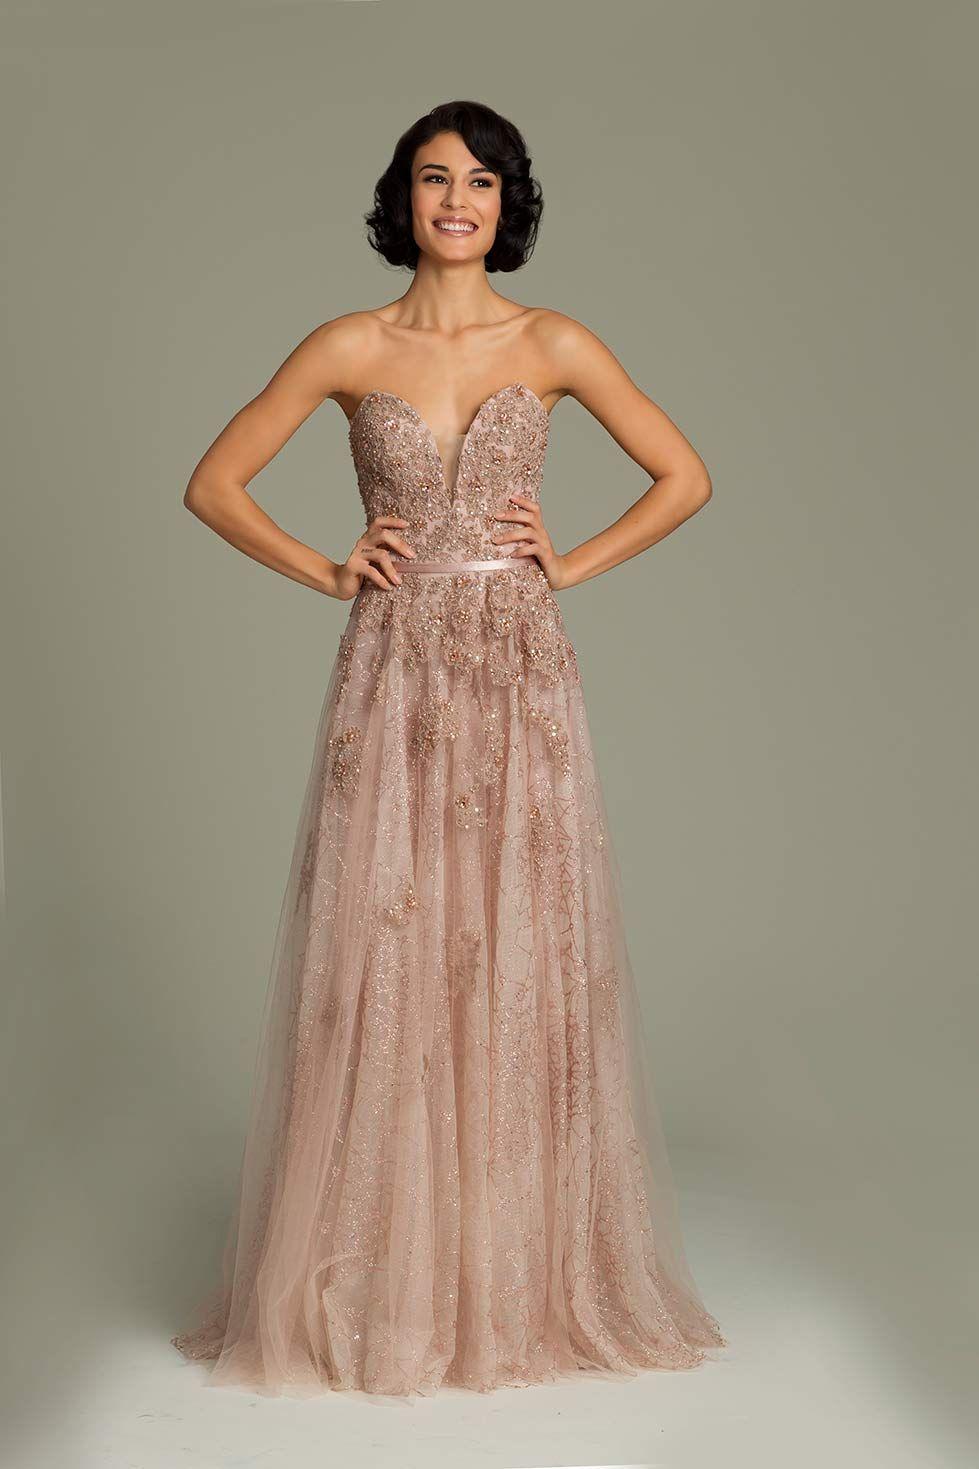 50 Lange Abendkleider Immer Hoch In Mode Sein Abendkleid Langes Abendkleid Und Trauzeugin Kleid